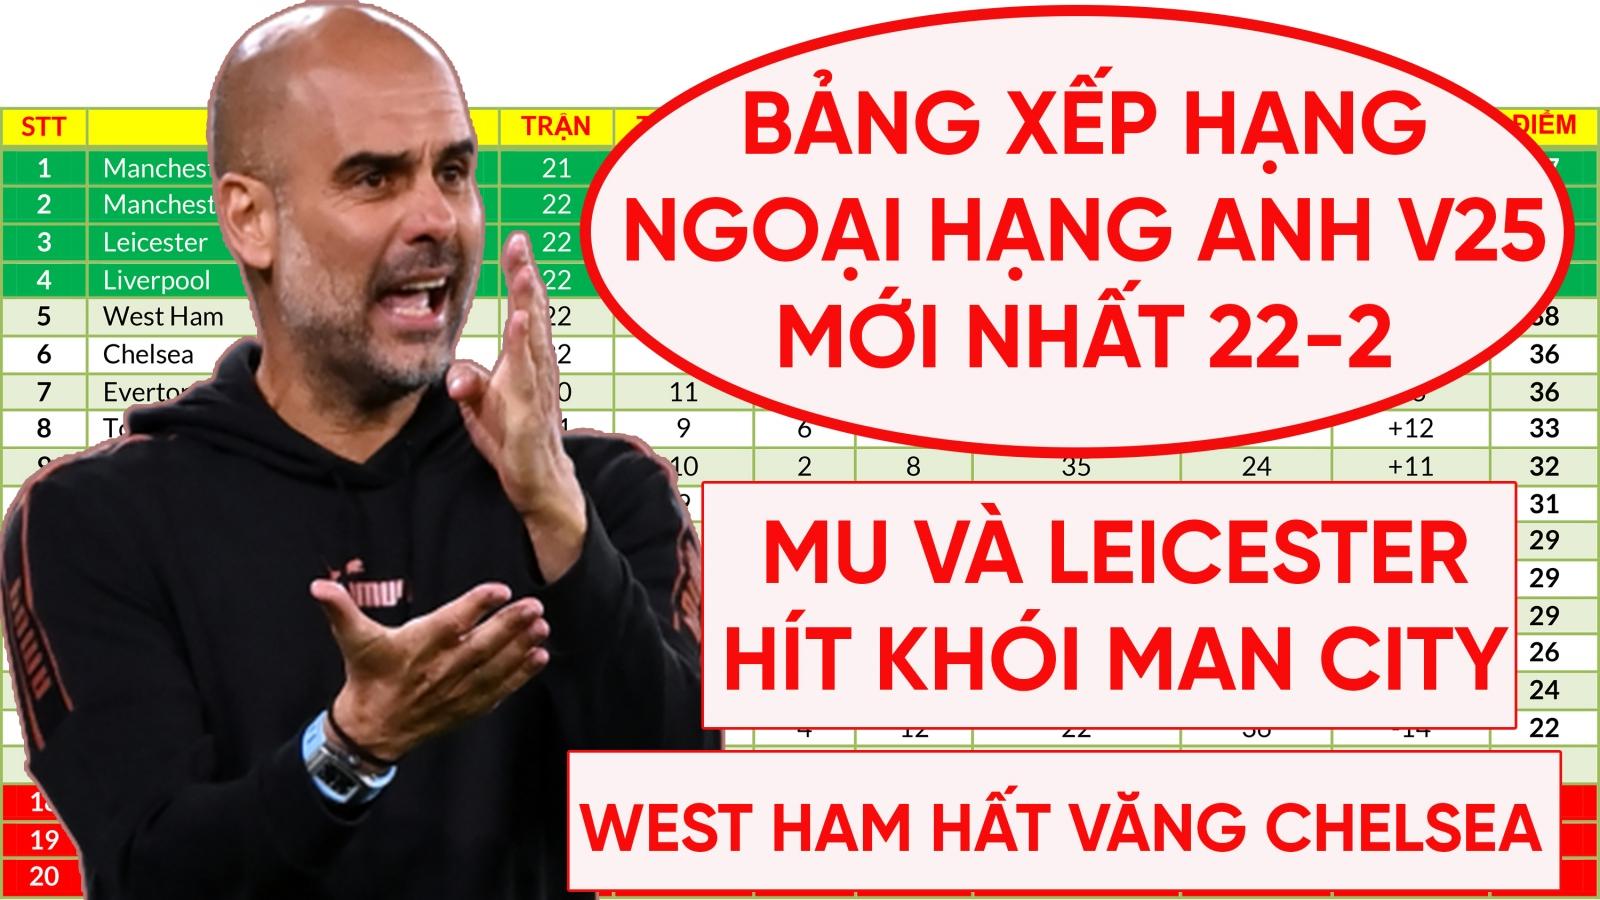 """Bảng xếp hạng Ngoại hạng Anh mới nhất: Man City cho MU và Leicester City """"hít khói"""""""